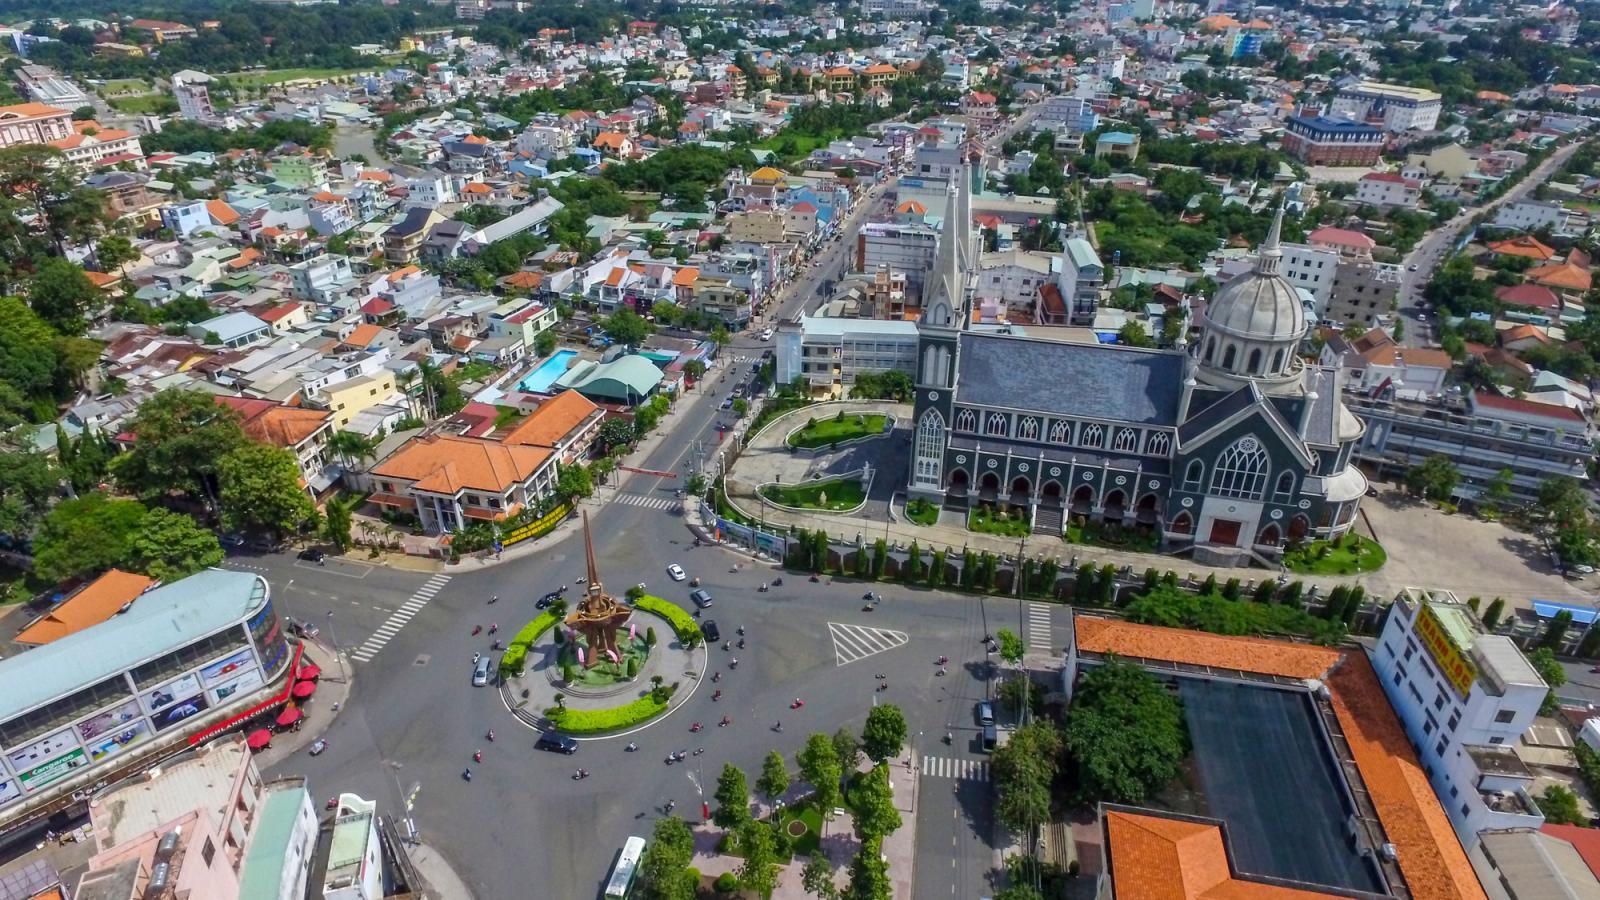 Thành phố Thủ Dầu Một tập trung nhiều sinh viên và giáo viên